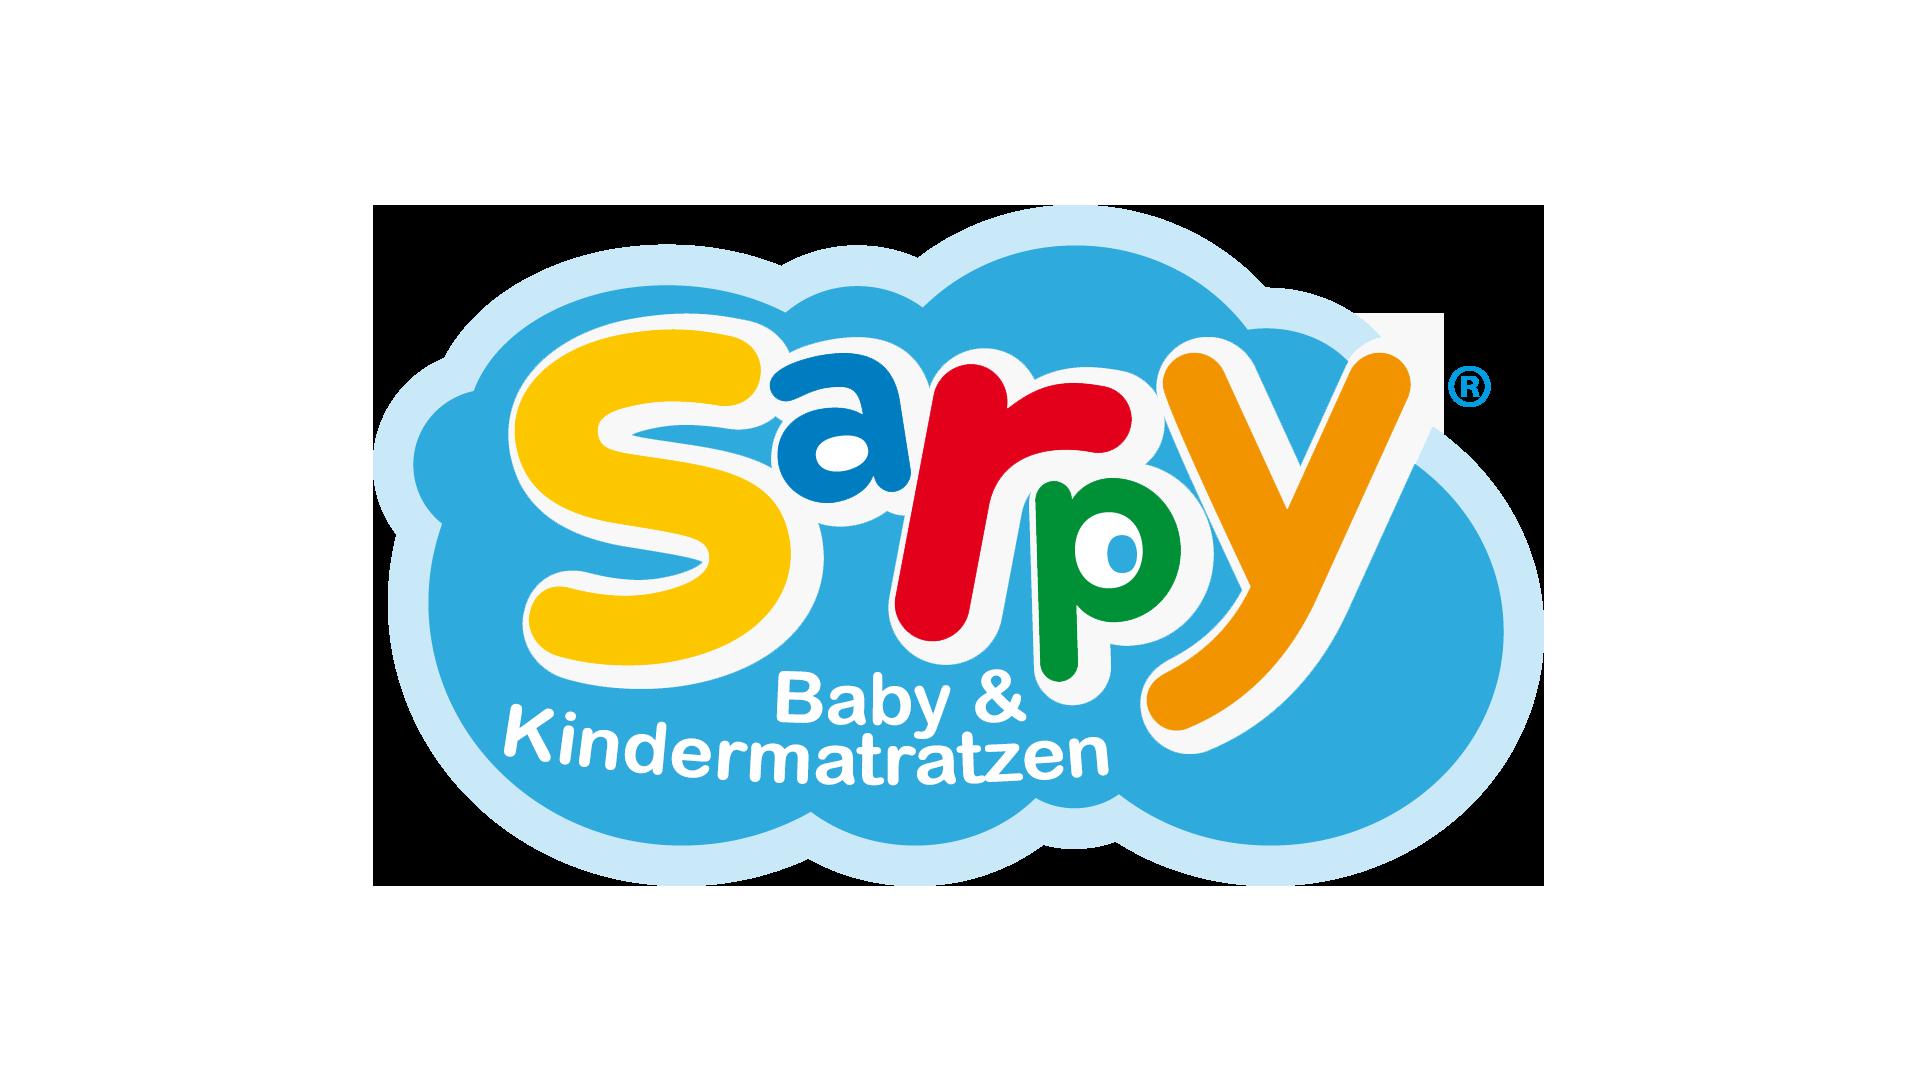 Sarpy Babymatratze und Kindermatratzen